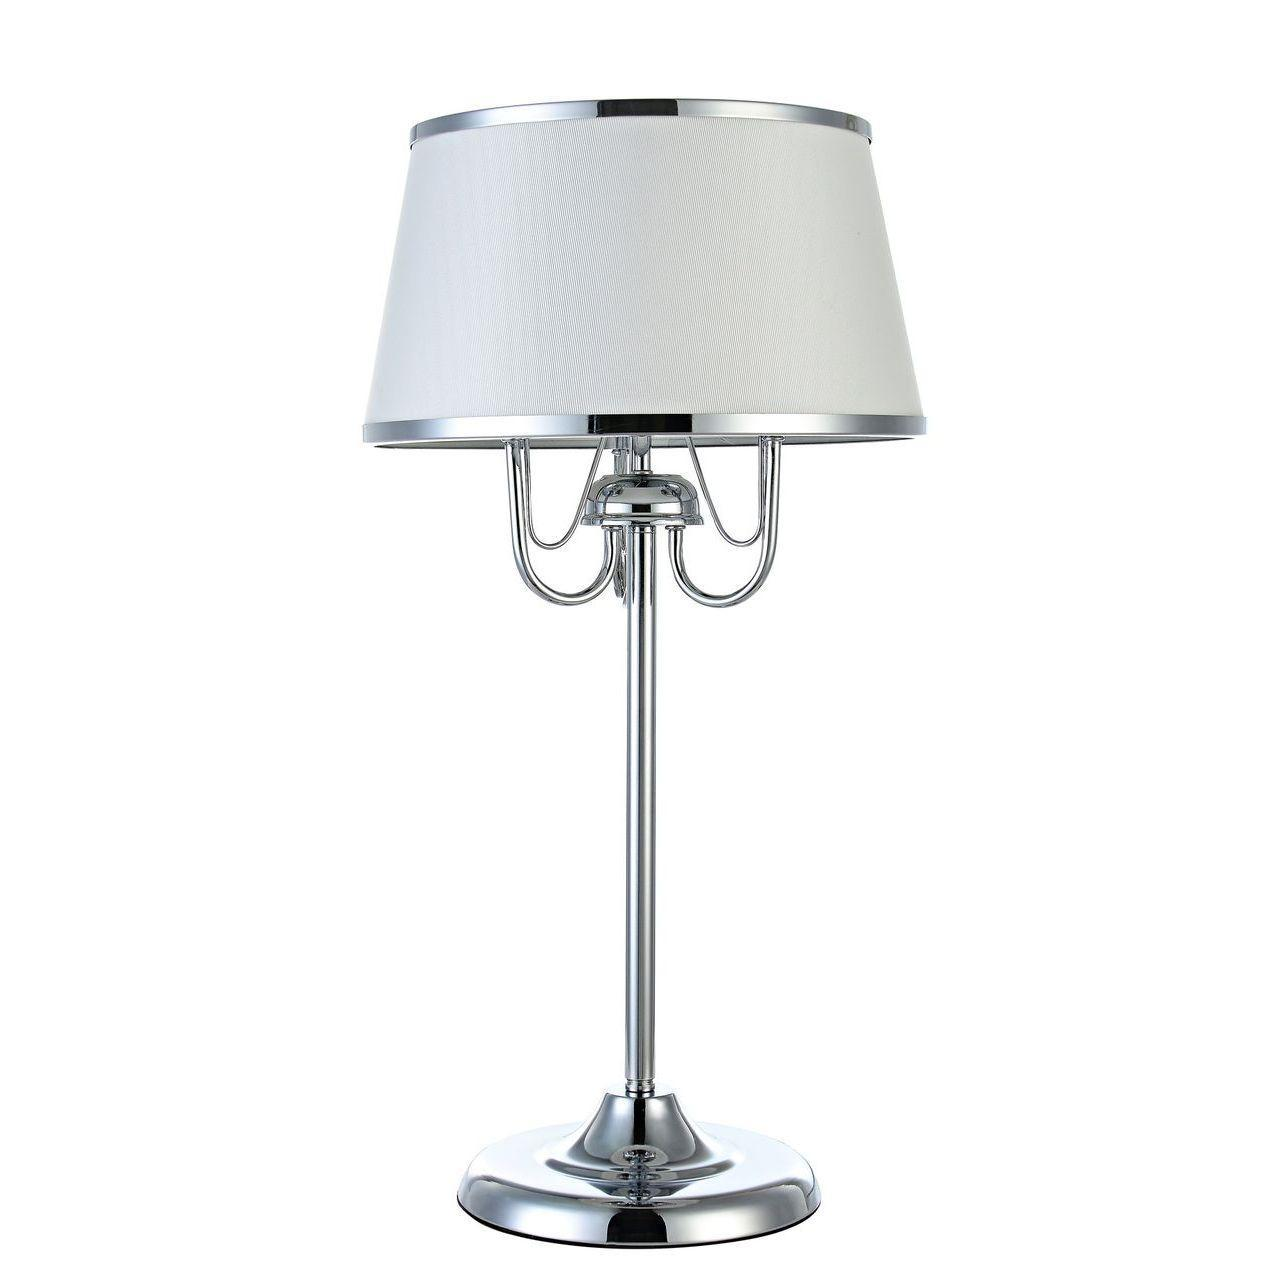 Настольная лампа Arte Lamp Dante A1150LT-3CC настольная лампа arte lamp dante a1150lt 3cc